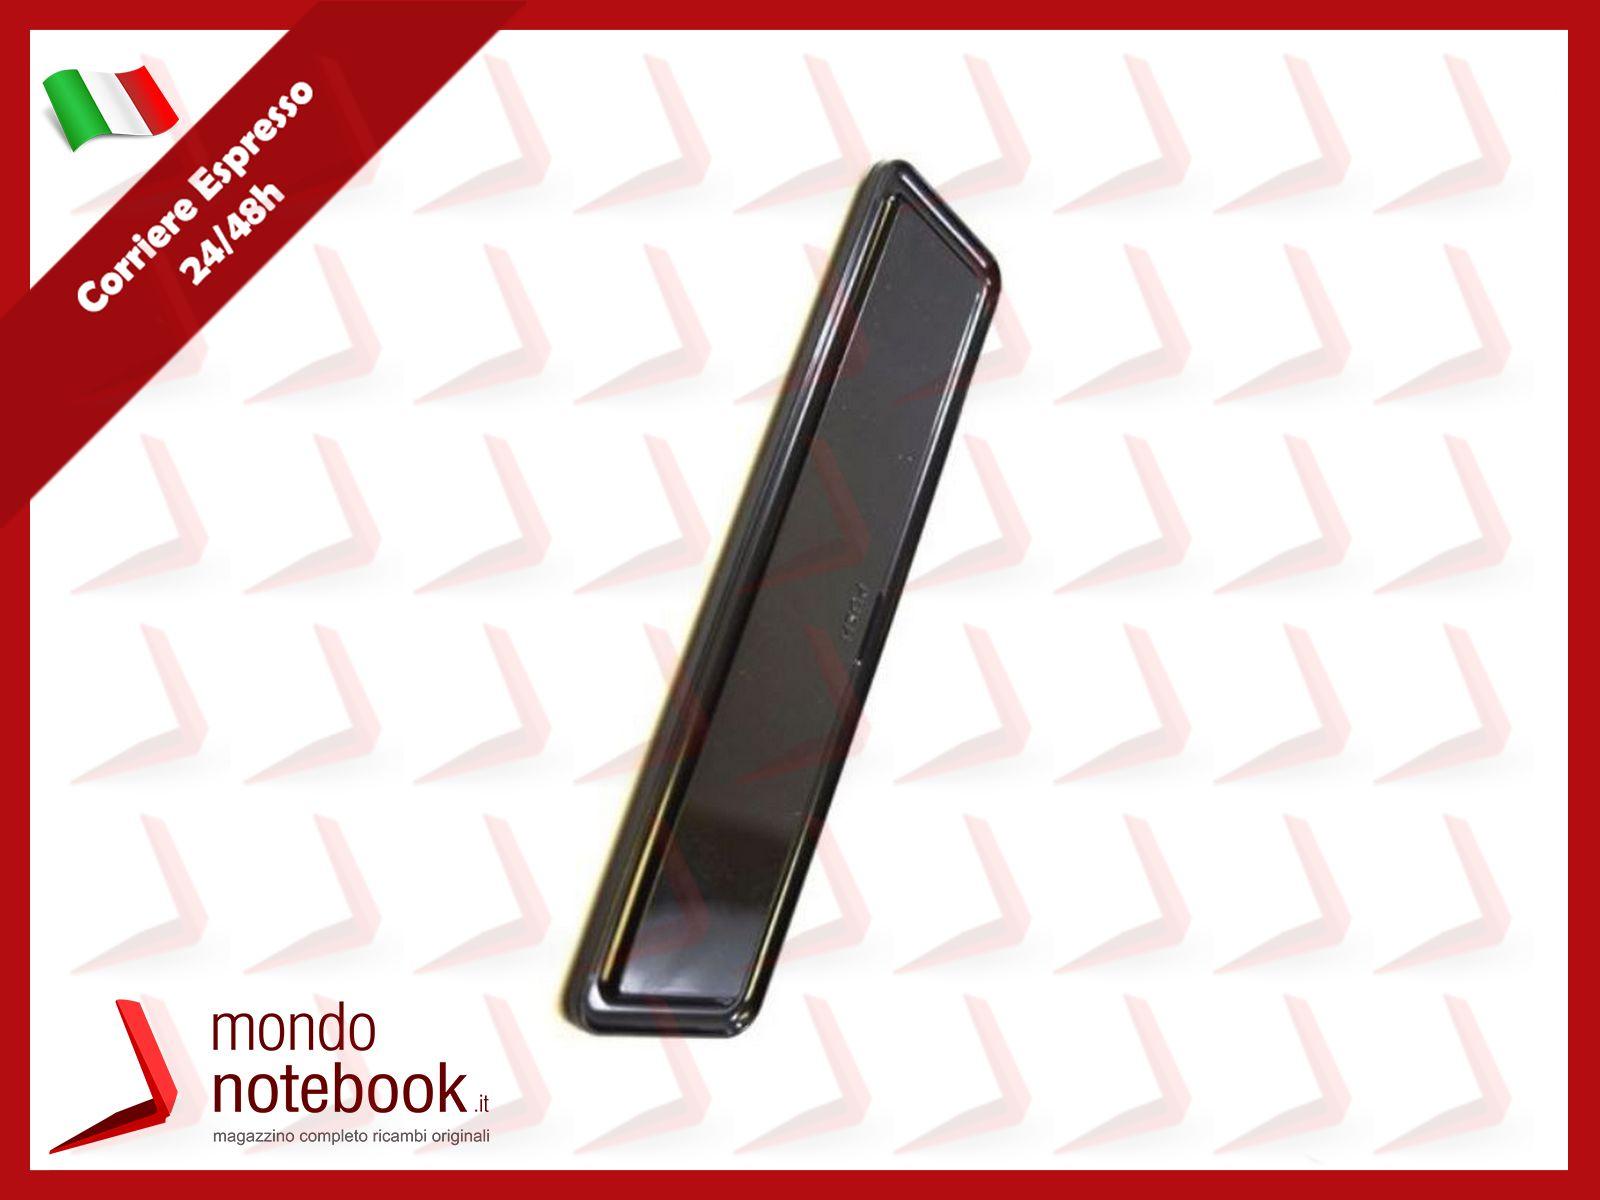 https://www.mondonotebook.it/10794/ventola-fan-apple-macbook-pro-a1286-coppia-ventole.jpg